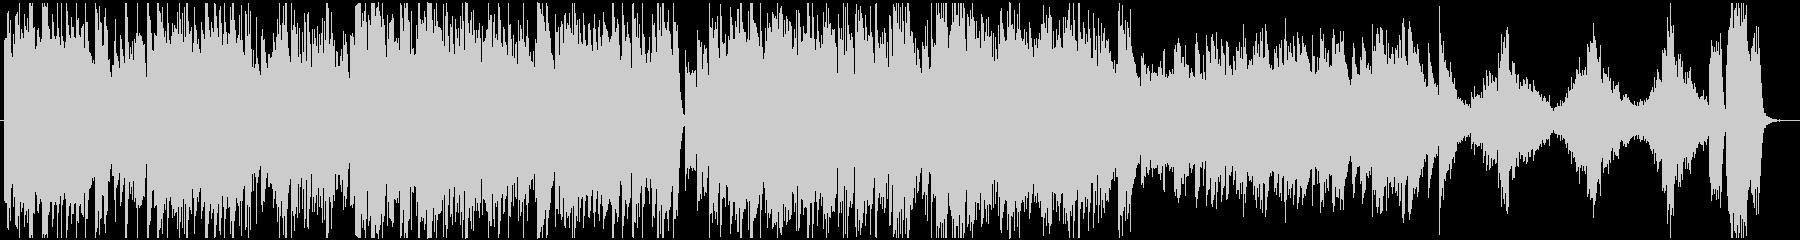 躍動感ある進行をするピアノデュオの未再生の波形